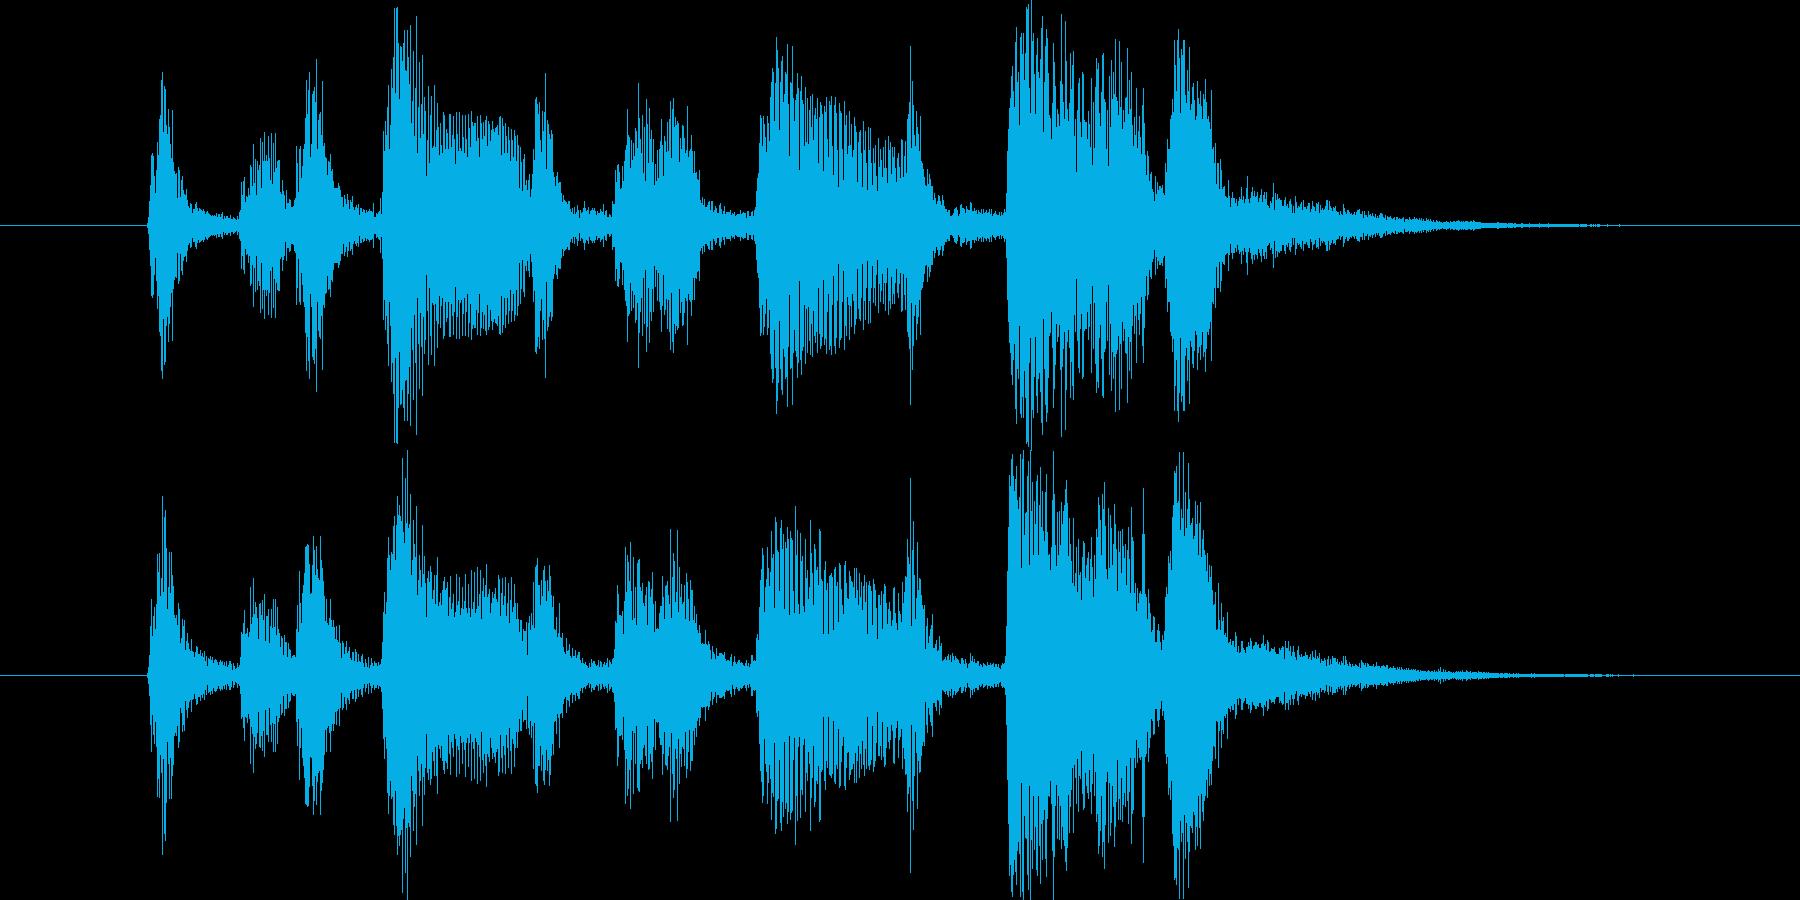 小粋なサックス&トランペットのジングルの再生済みの波形